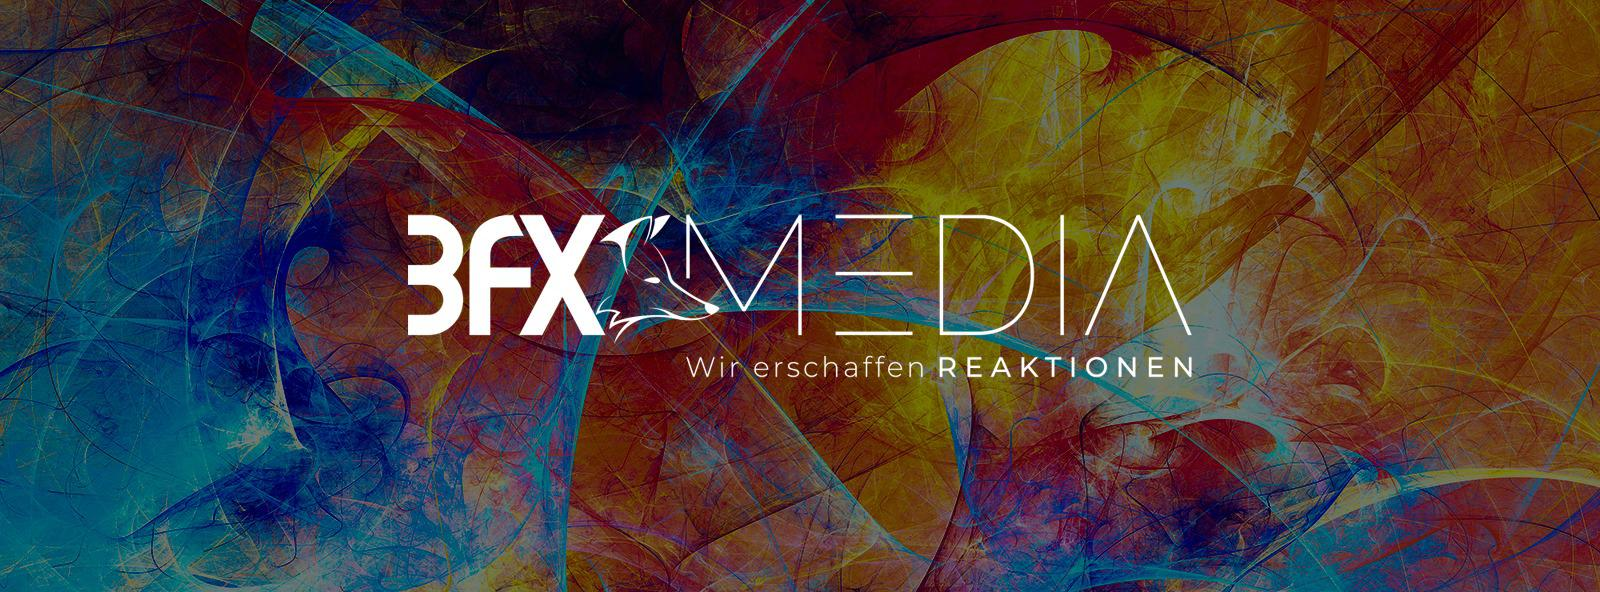 3FX media GmbH Werbeagentur